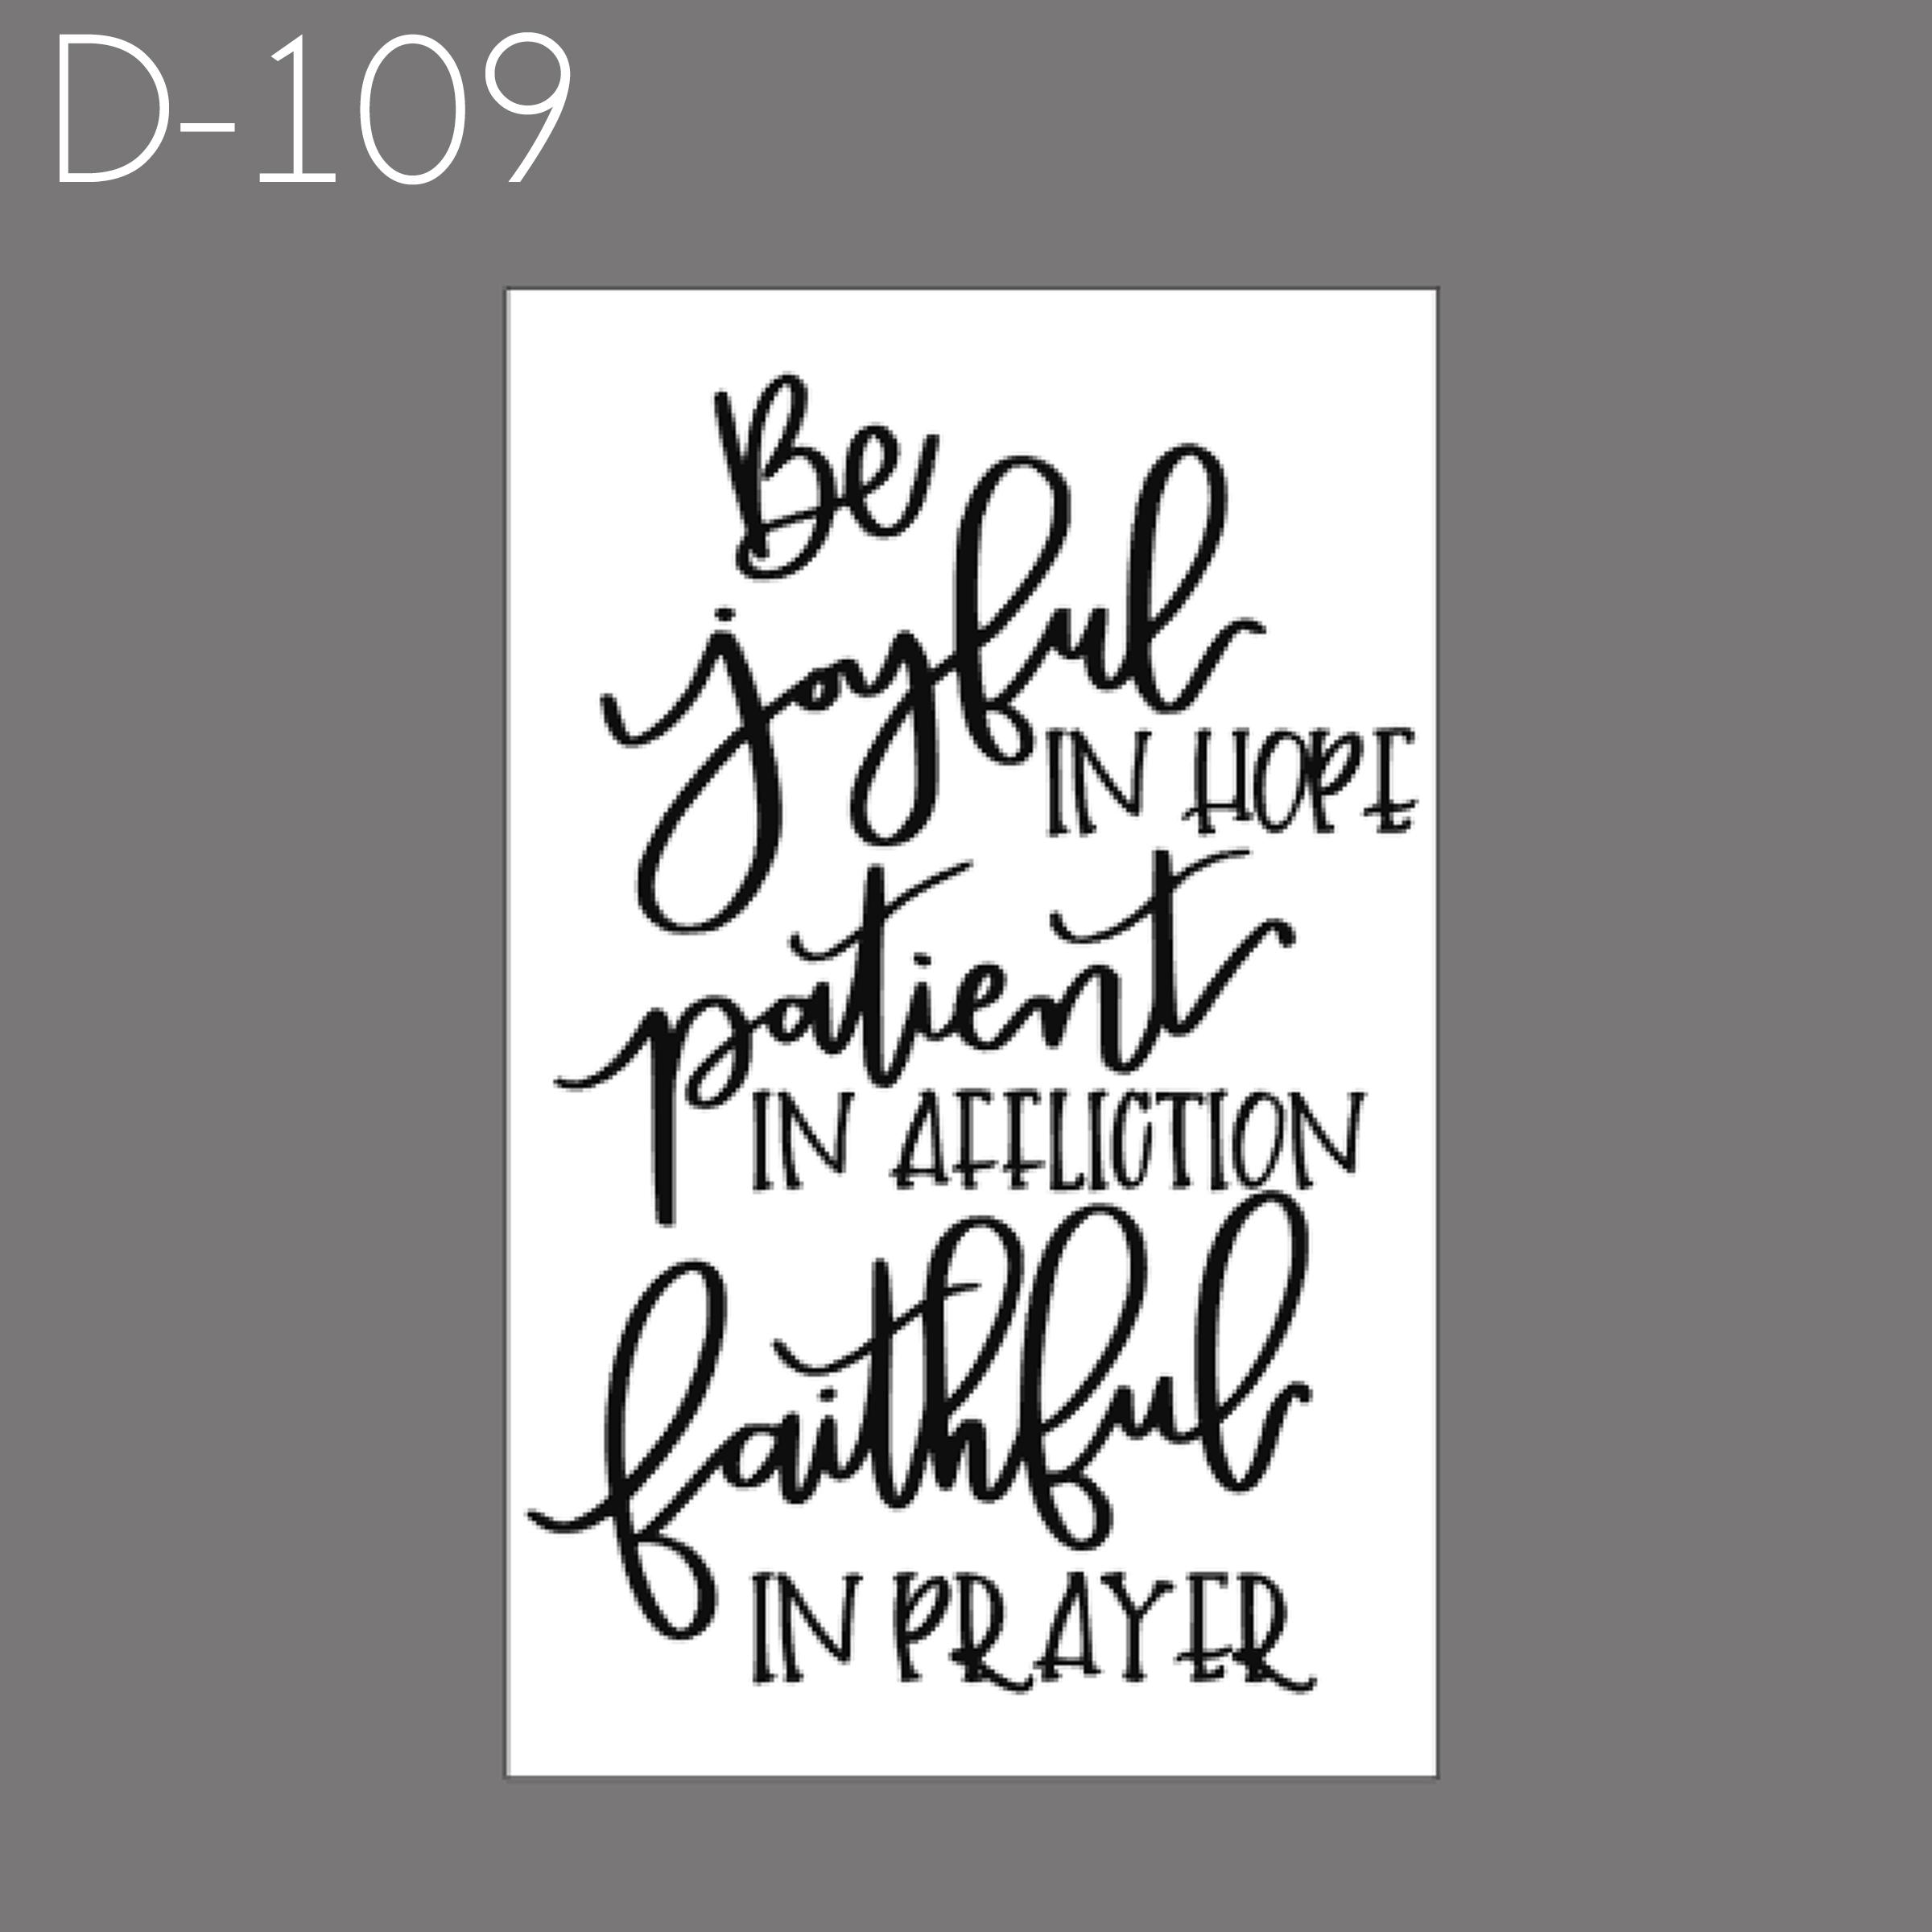 D109 - Joyful in Hope.jpg